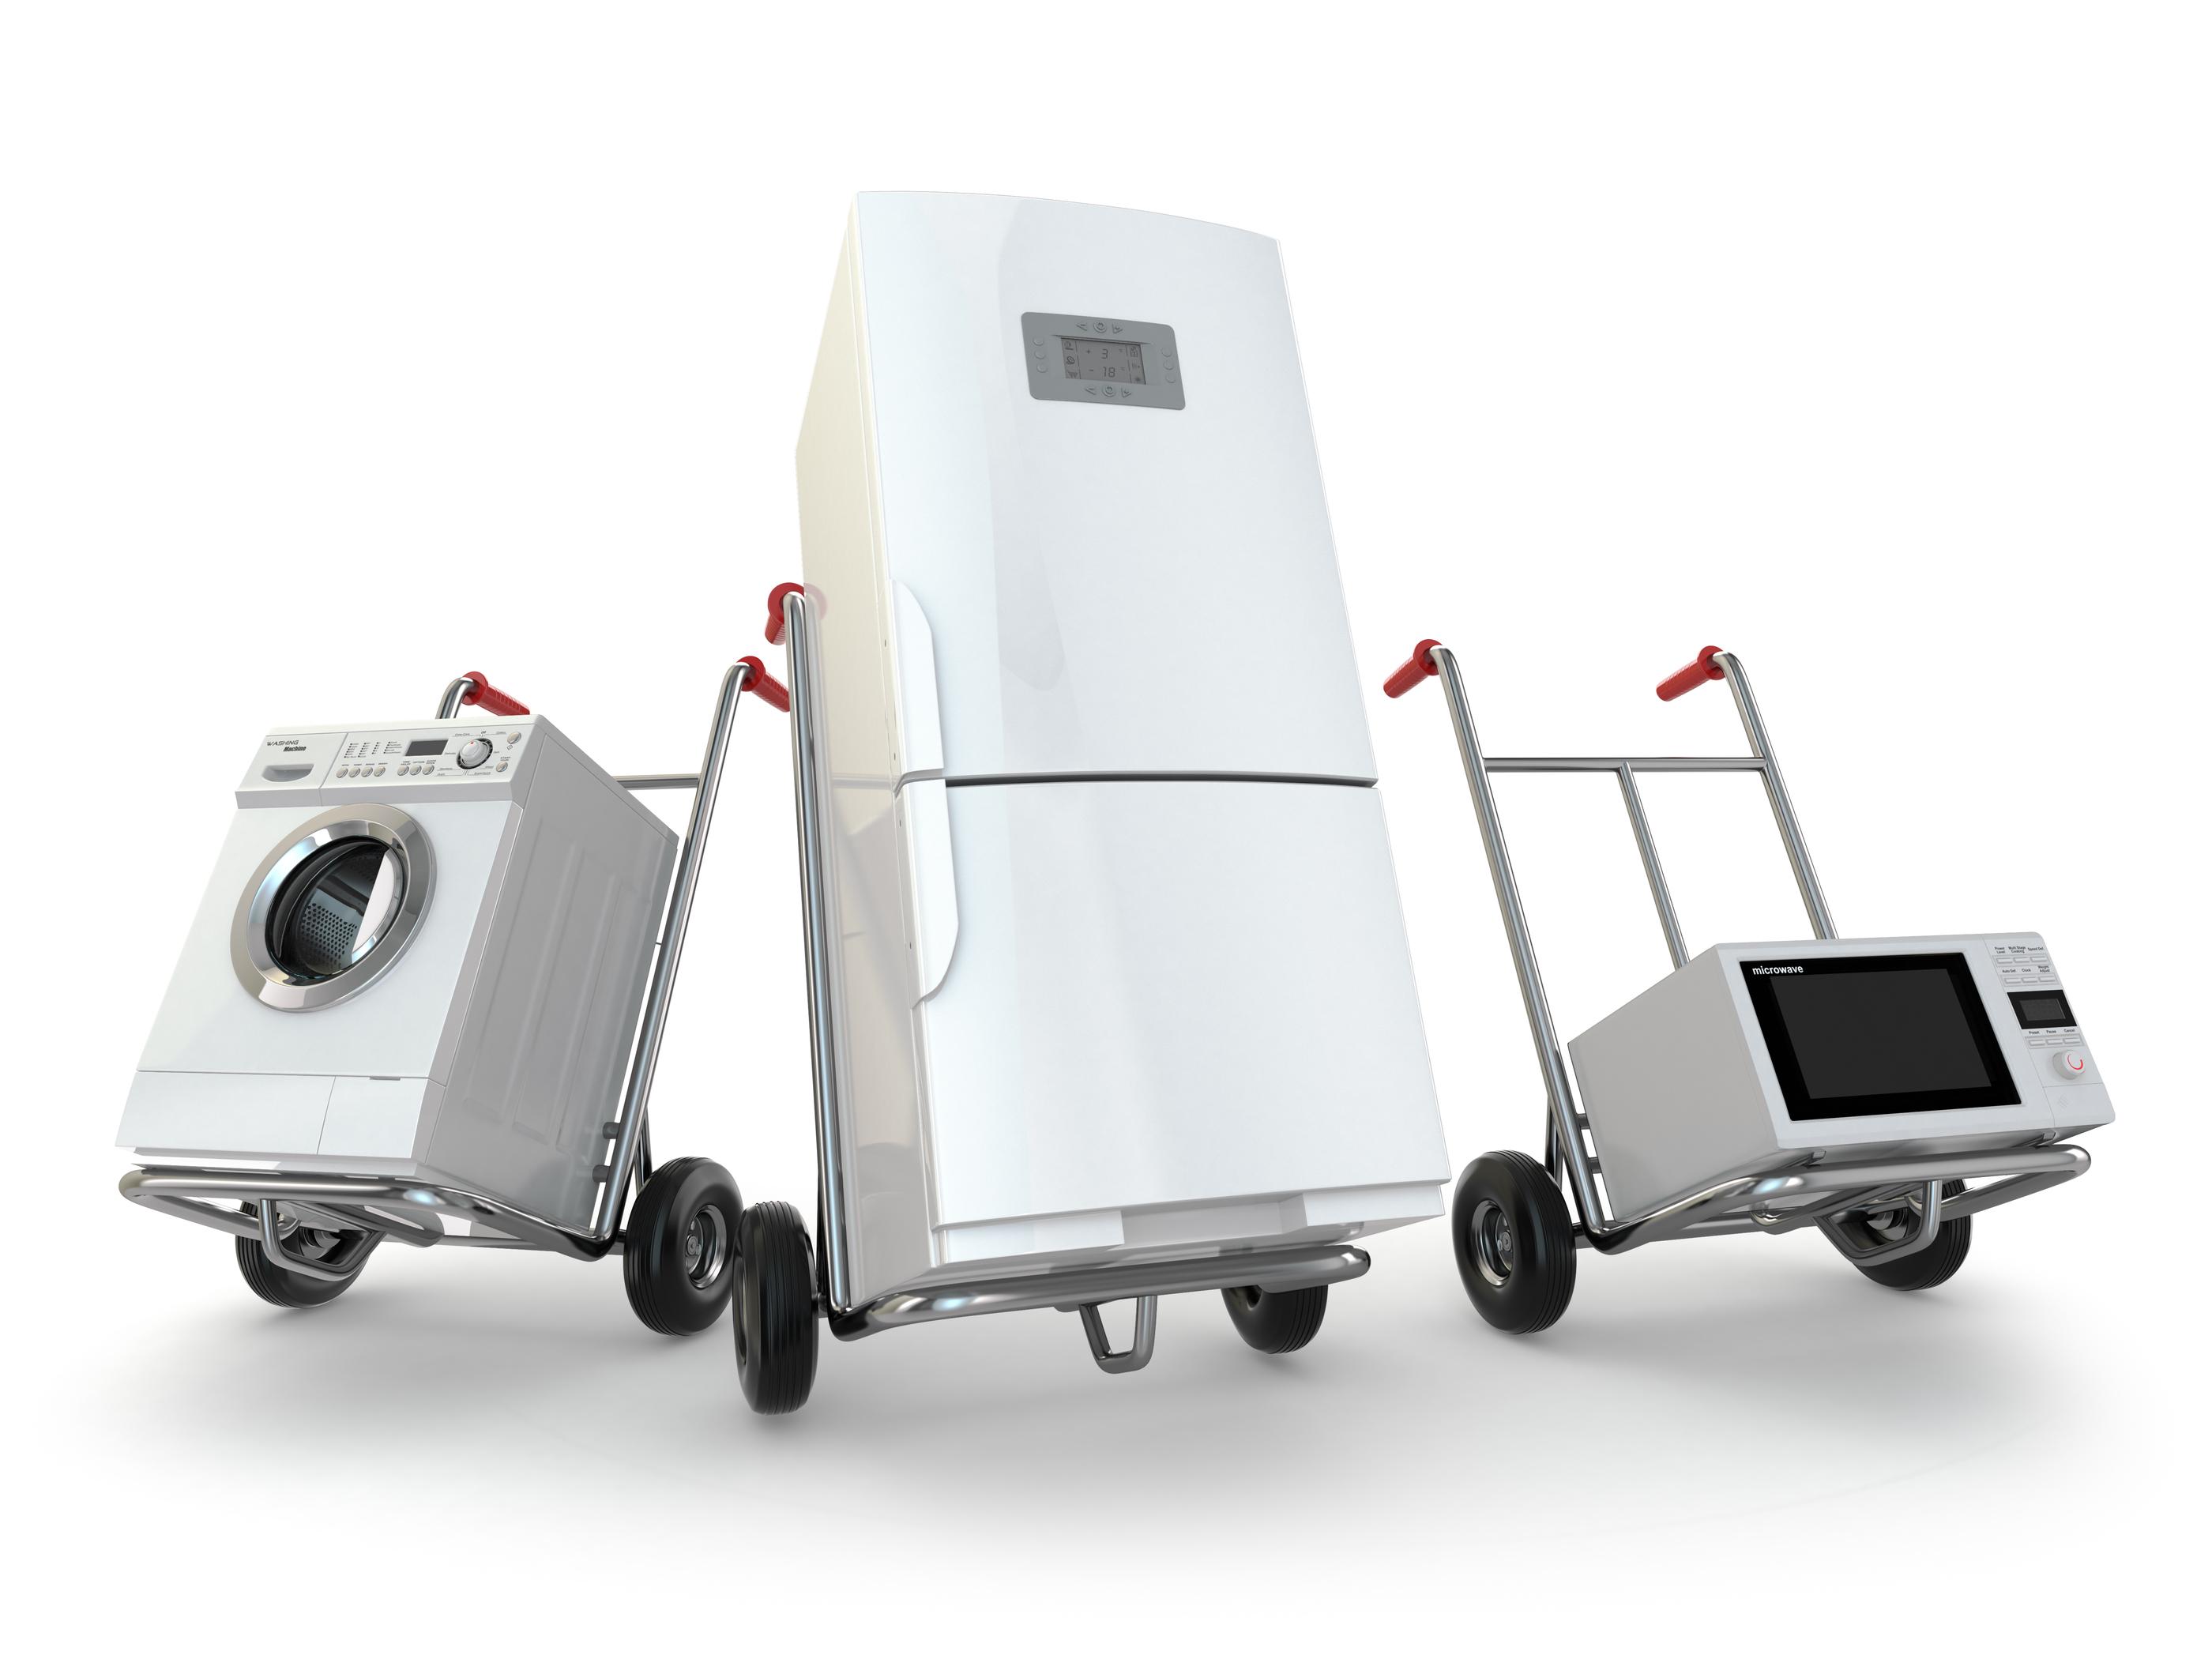 Appliance reliability